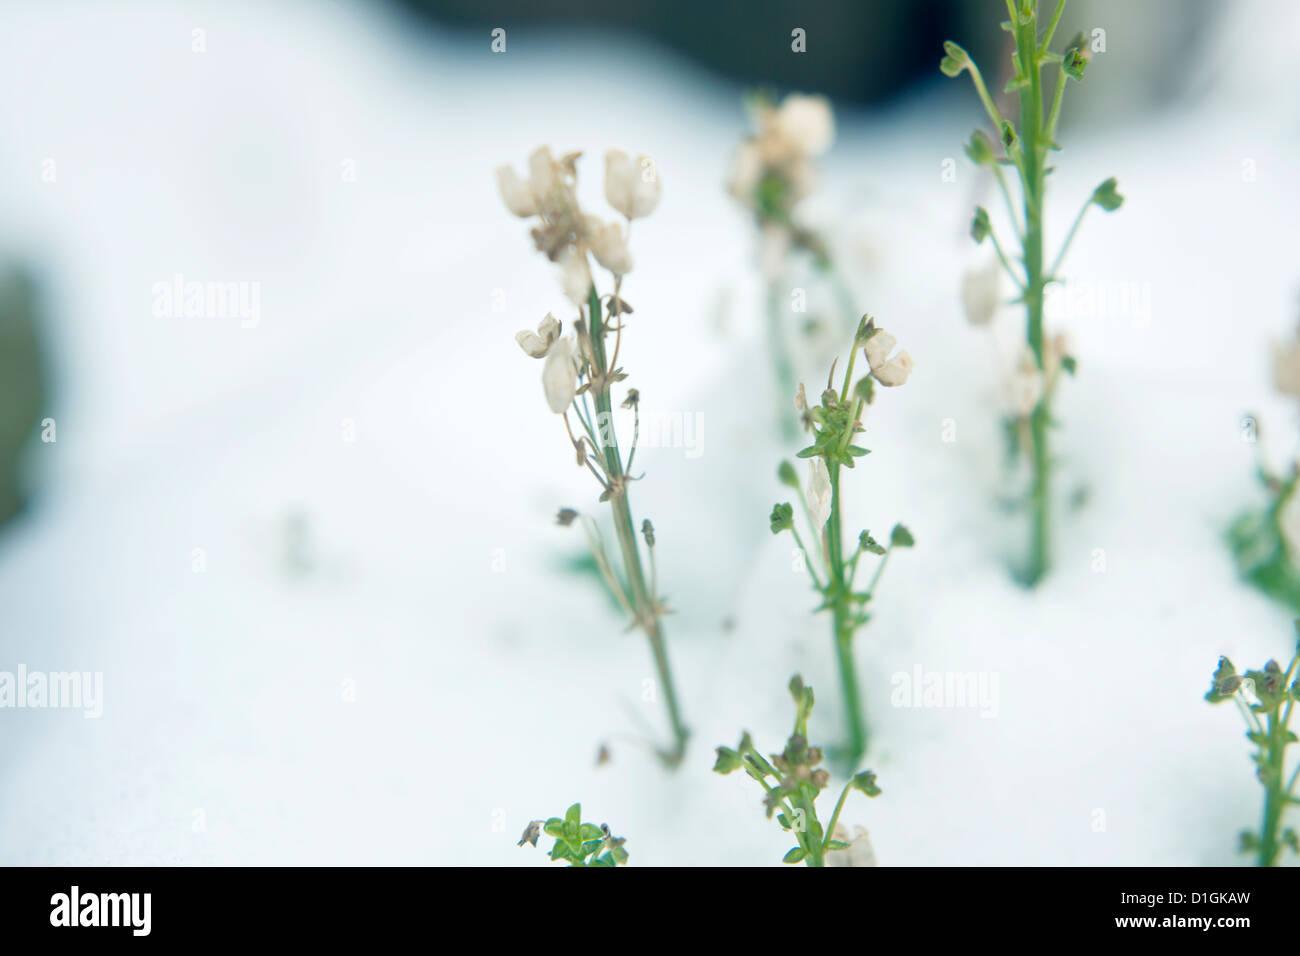 Grüne und weiße Pflänzchen wachsen durch tiefen Schnee Stockbild